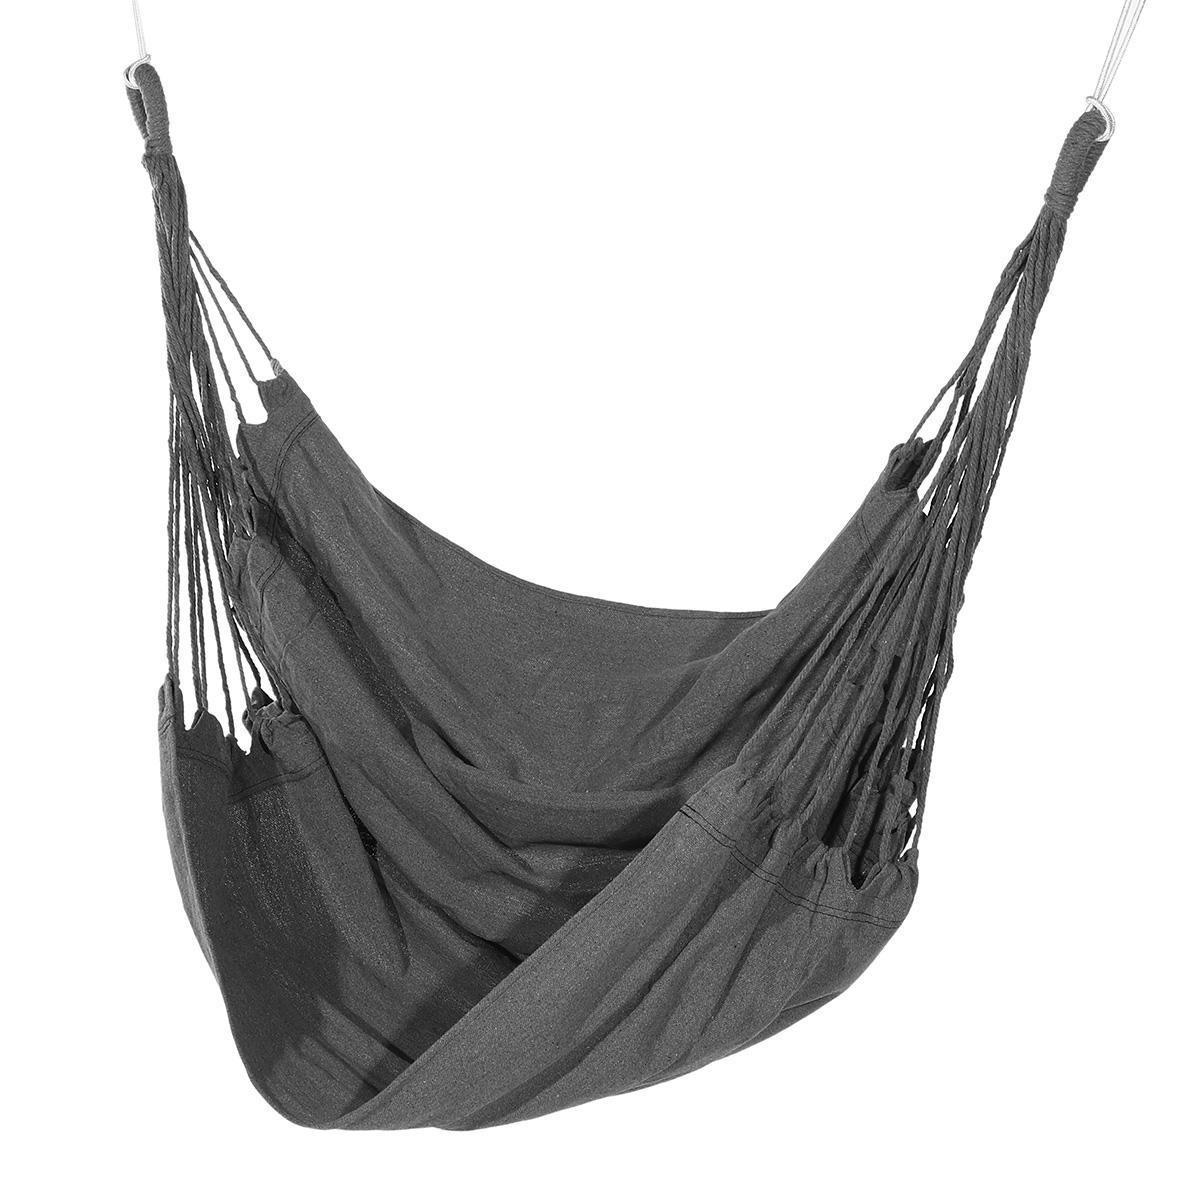 北欧スタイルハンモック屋外屋内ガーデン寮の寝室の吊椅子子供のための大人のスイングシングル安全椅子H402_画像4